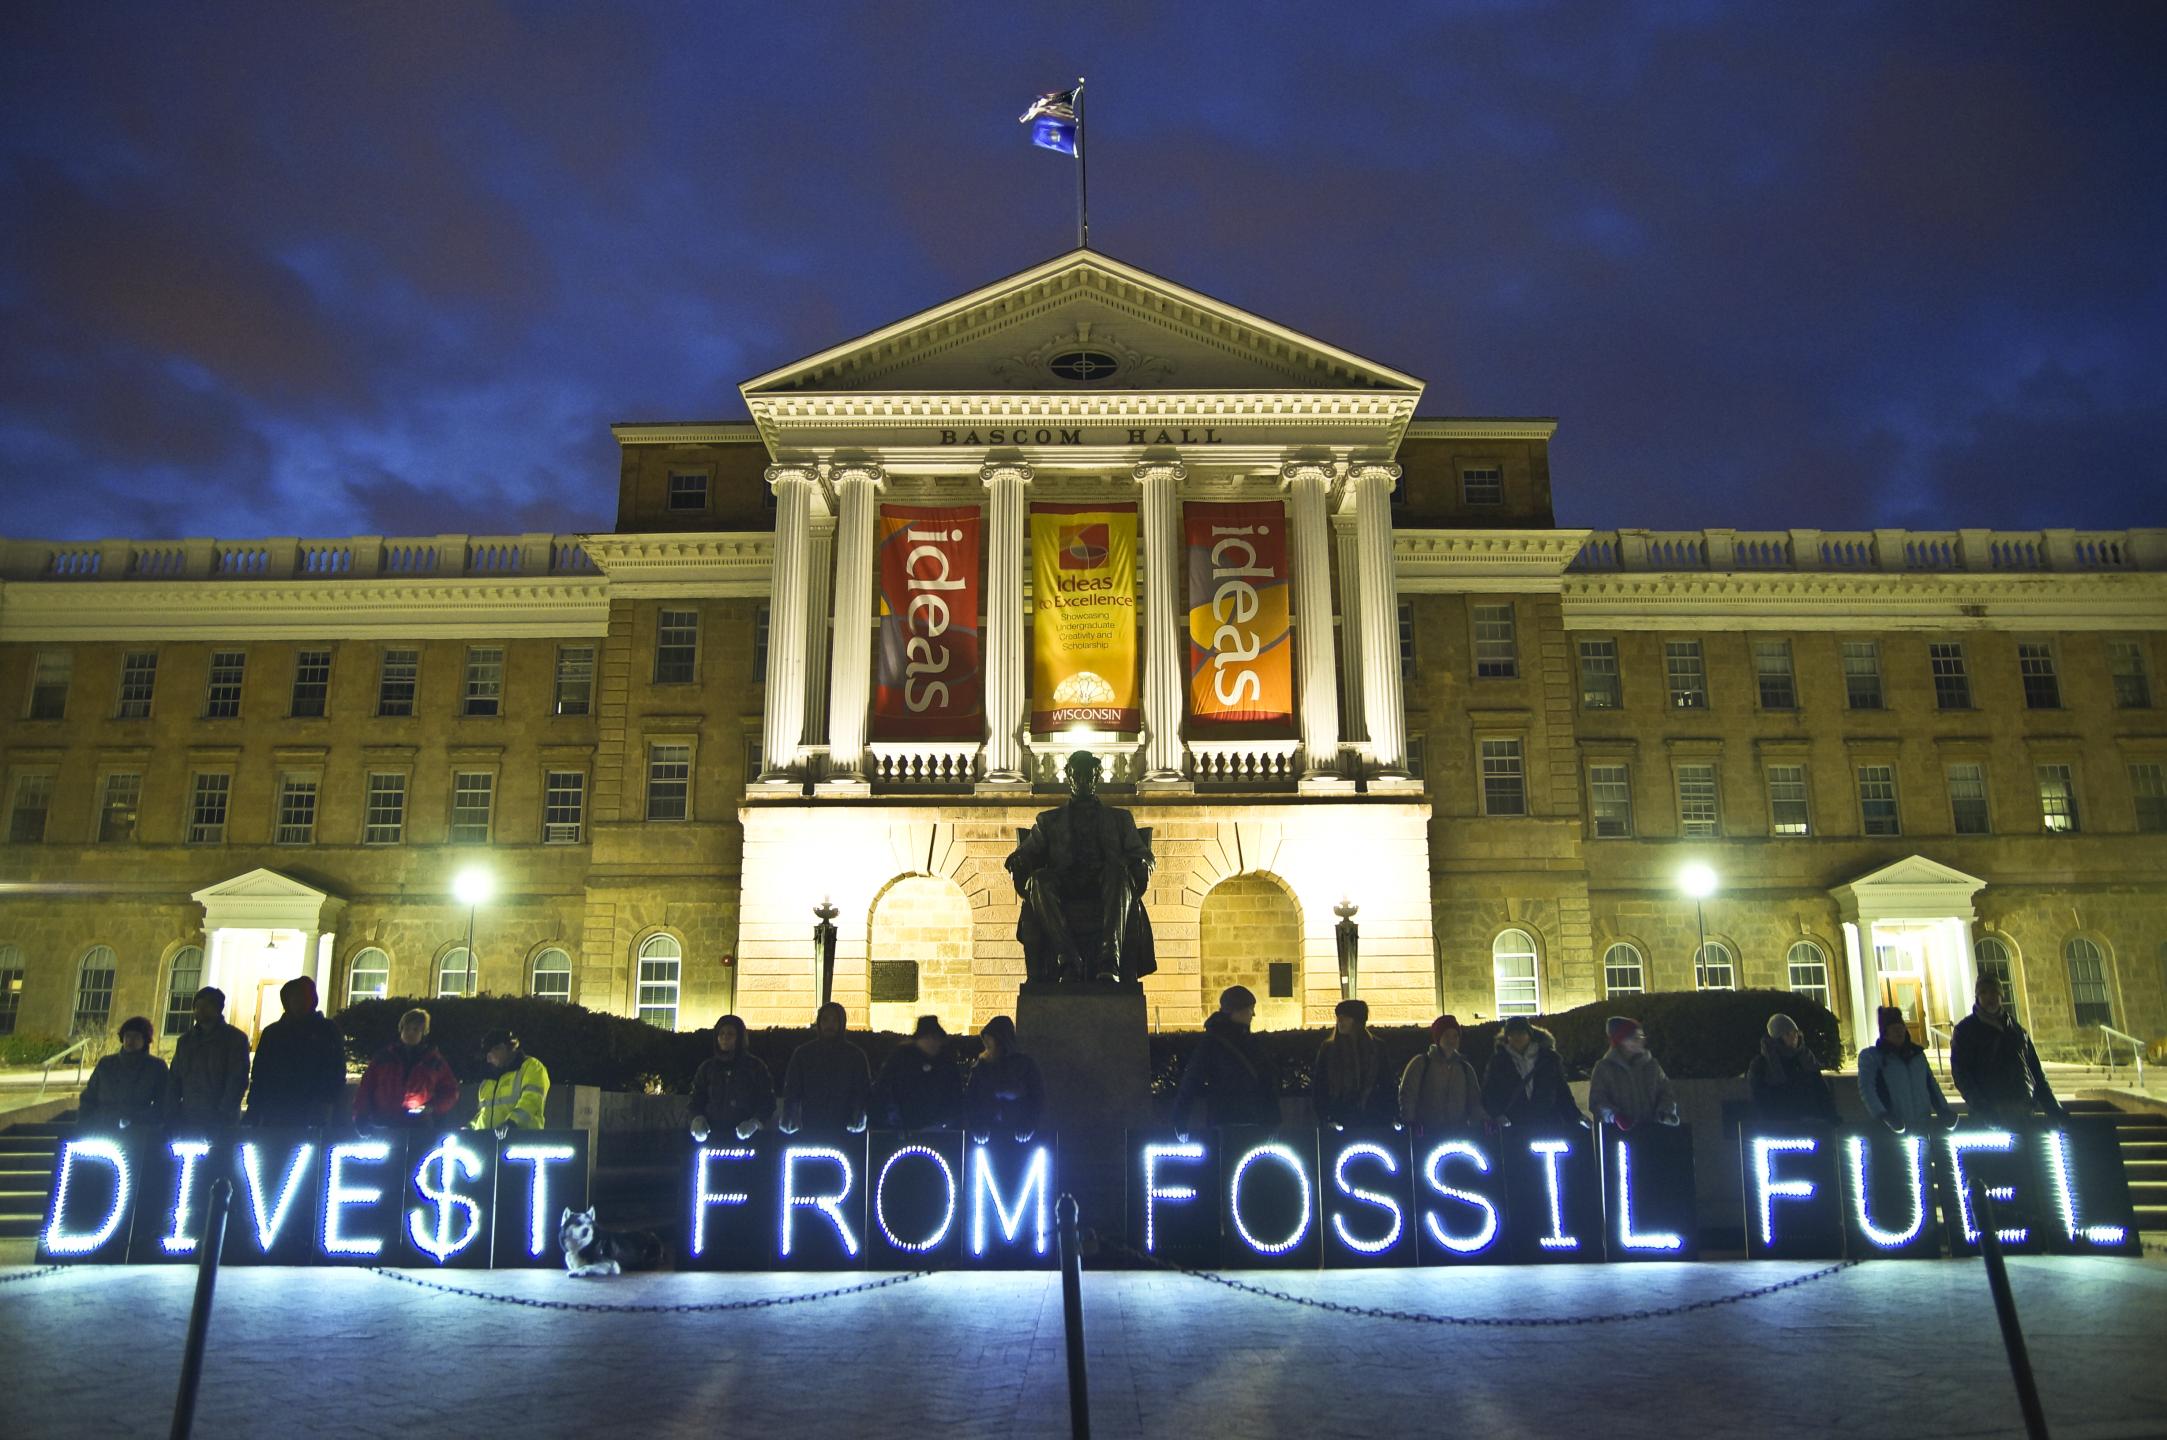 Actie van divestmentbeweging vorig jaar in Wisconsin (VS). Foto: Overpass Light Brigade